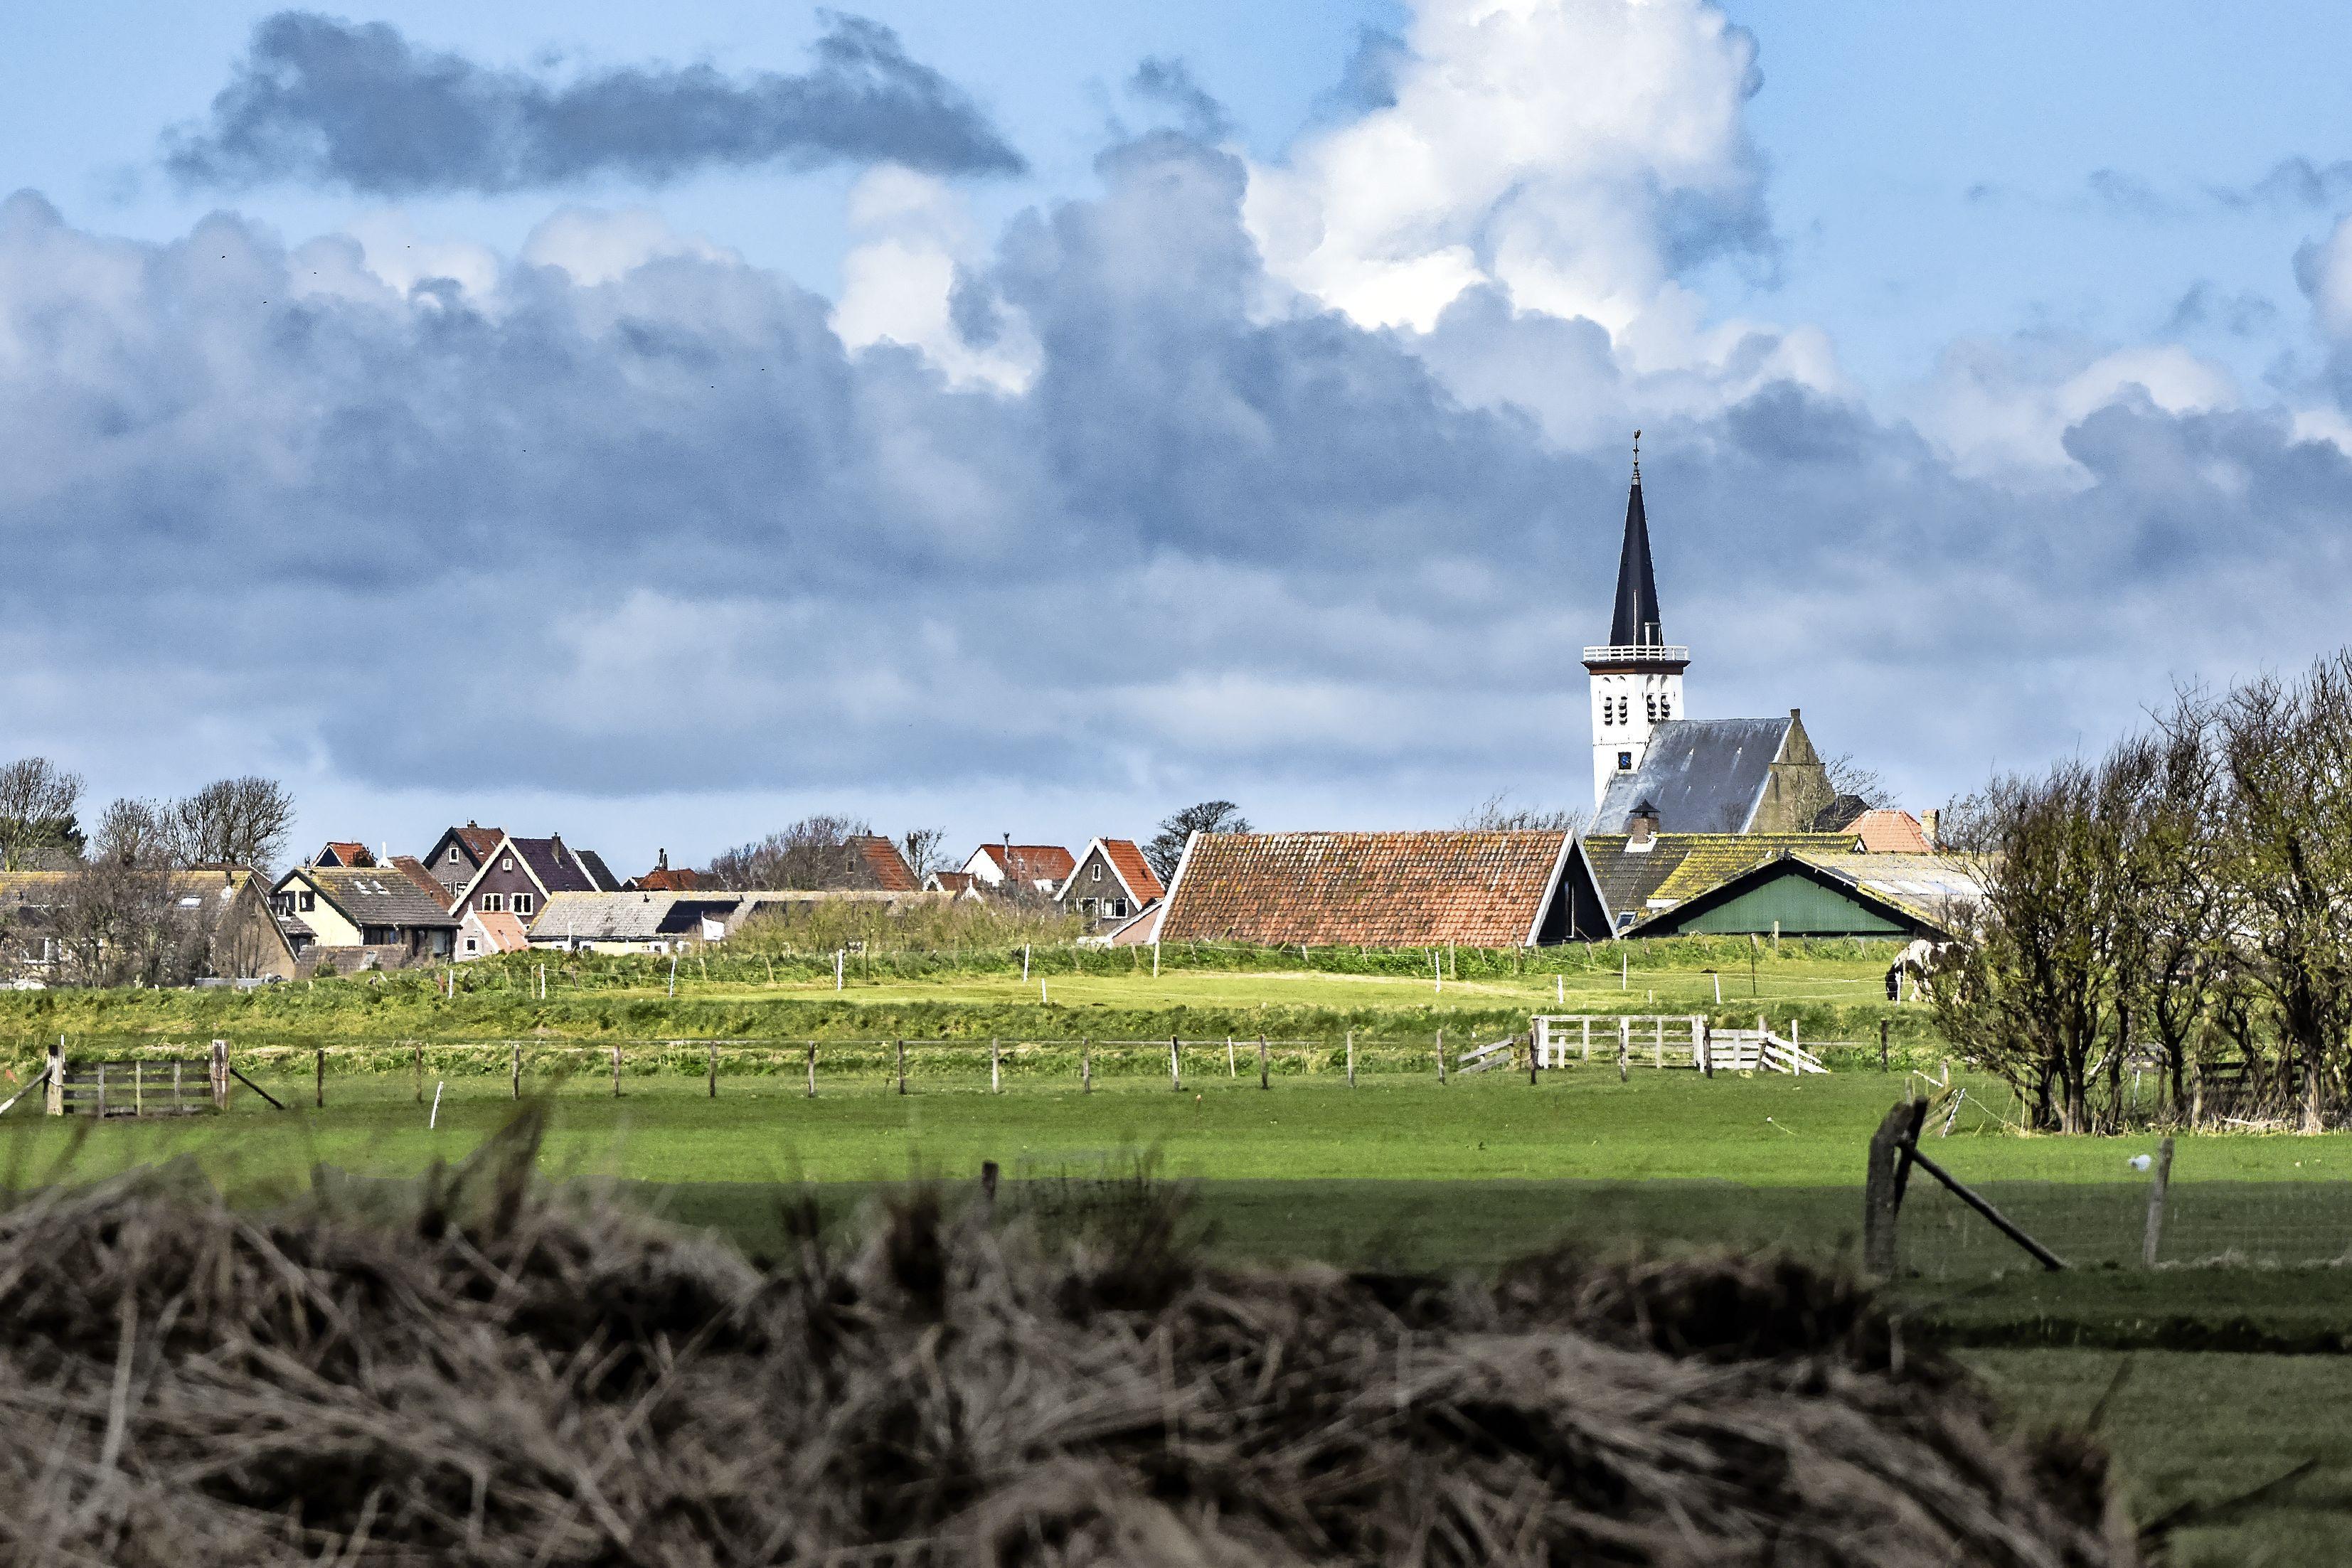 Na smeekbede wordt het pittoreske dorpsgezicht van Den Hoorn nu echt beschermd. 'Dit hadden we al veel eerder moeten doen'